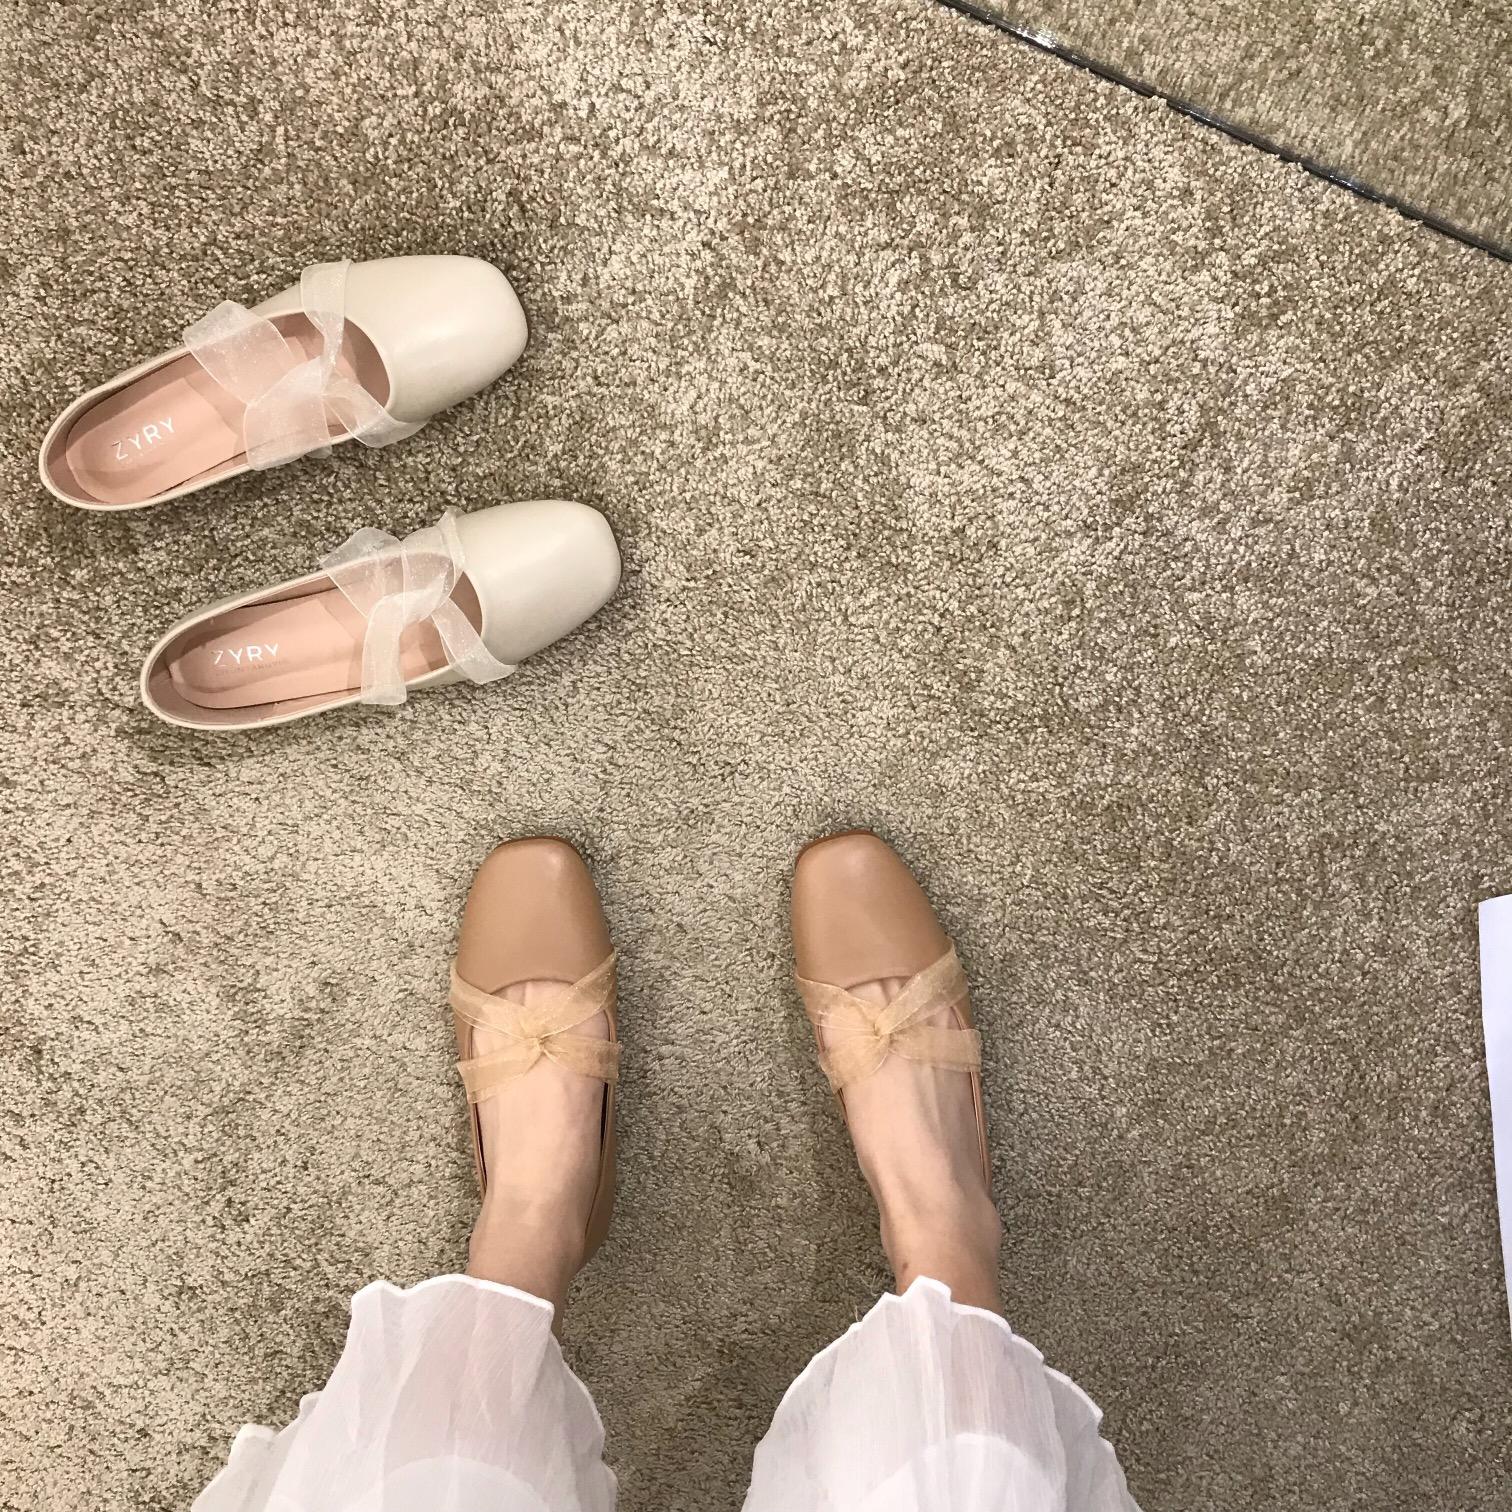 温柔仙女风 方头浅口平底单鞋女蕾丝交叉芭蕾舞鞋百搭舒适豆豆鞋